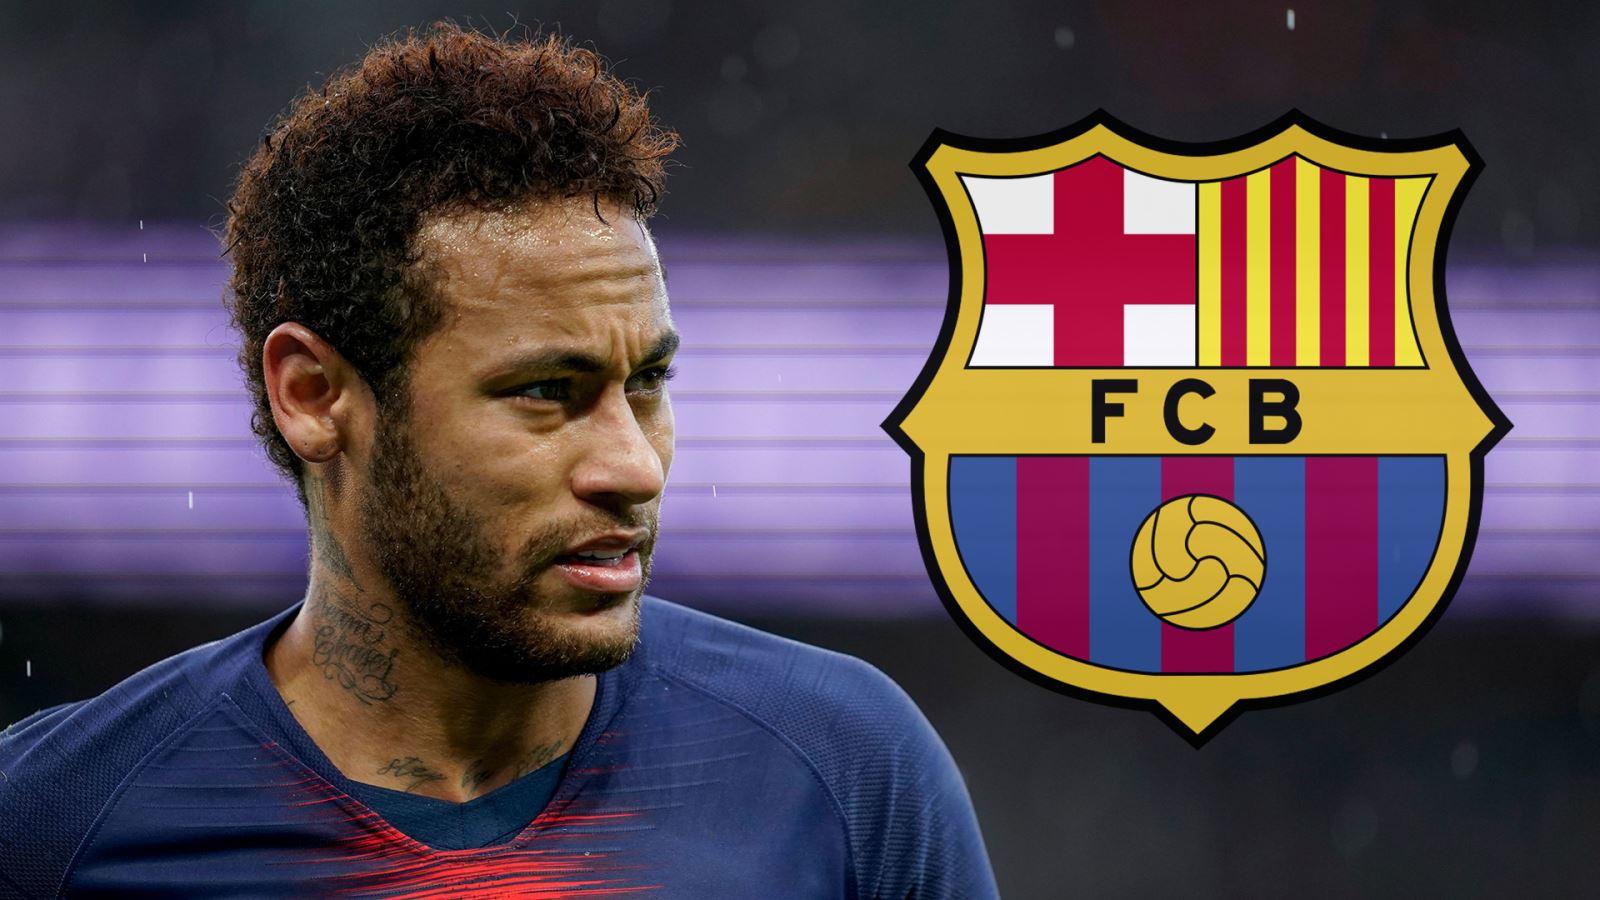 bong da, tin tuc bong da, tin tuc chuyen nhuong, truc tiep bong da hôm nay, chuyển nhượng bóng đá, trực tiếp bóng đá, bong da hom nay, MU, tin tức MU, Ibra MU, PSG Neymar